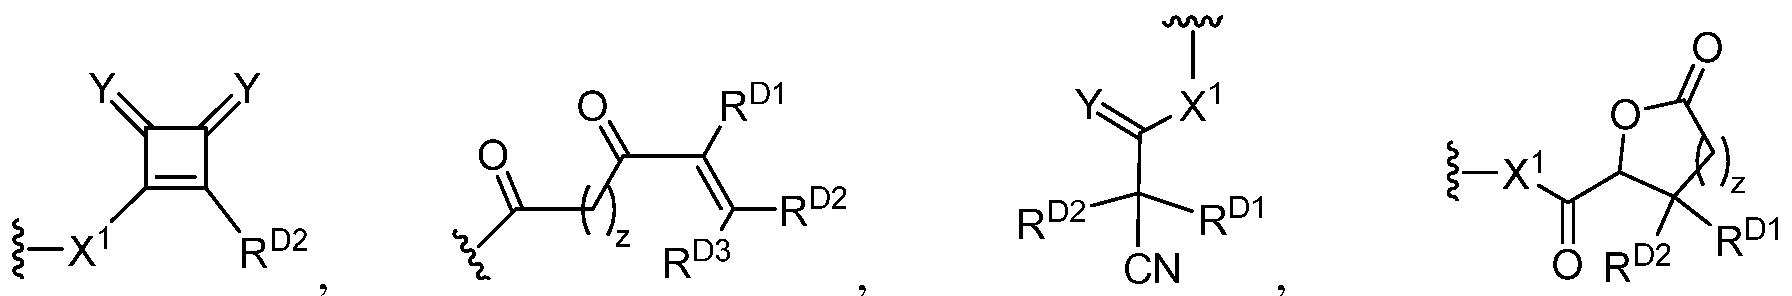 Figure imgf000173_0006